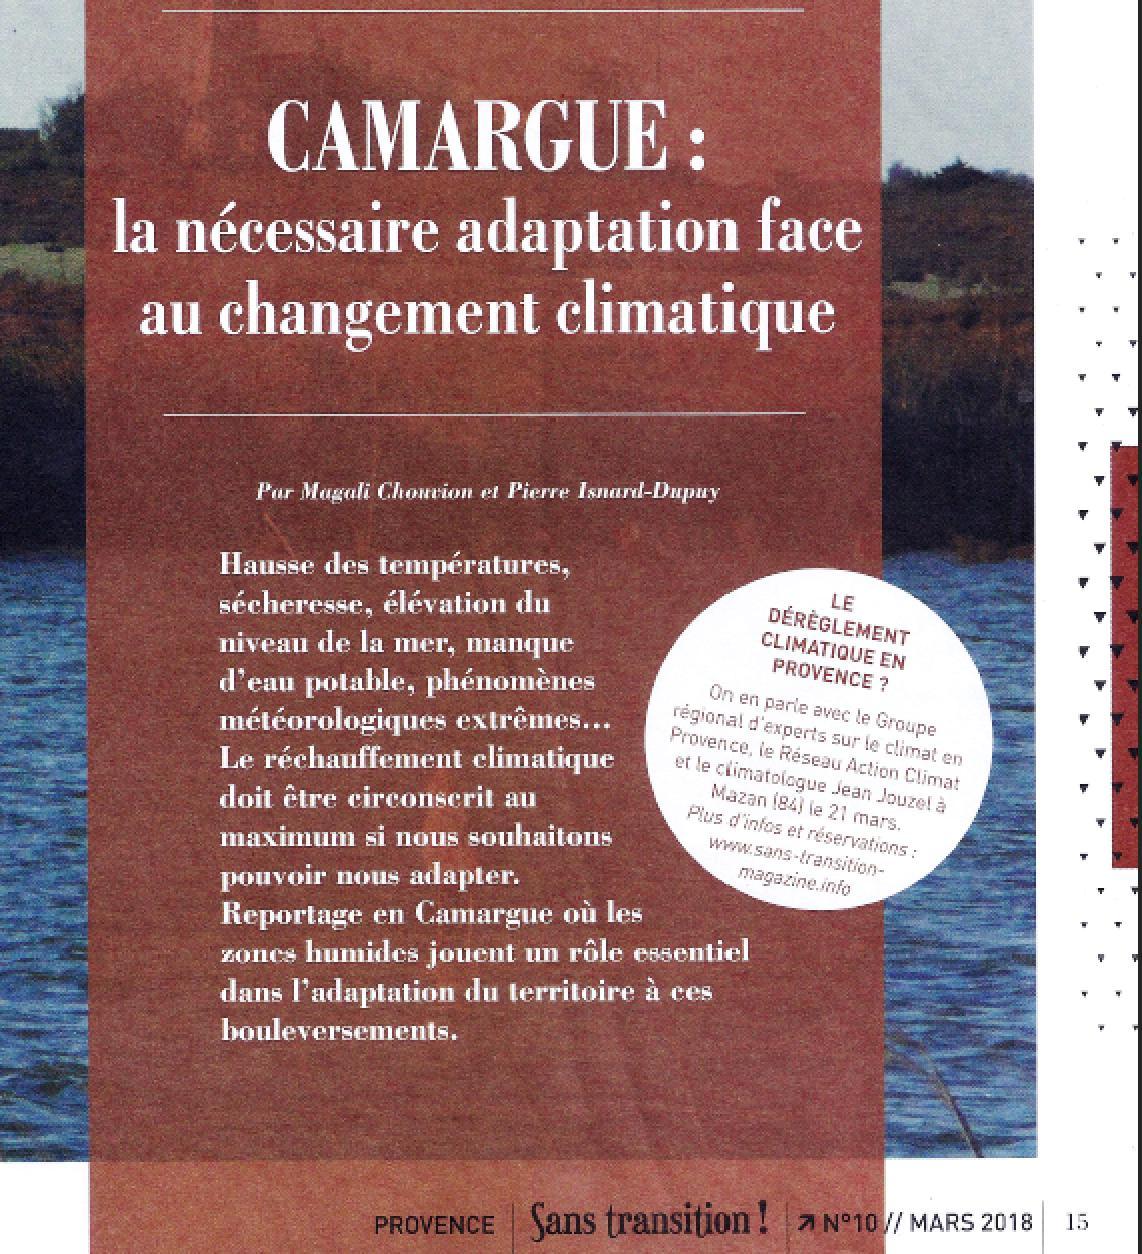 Presse : la Camargue face au changement climatique